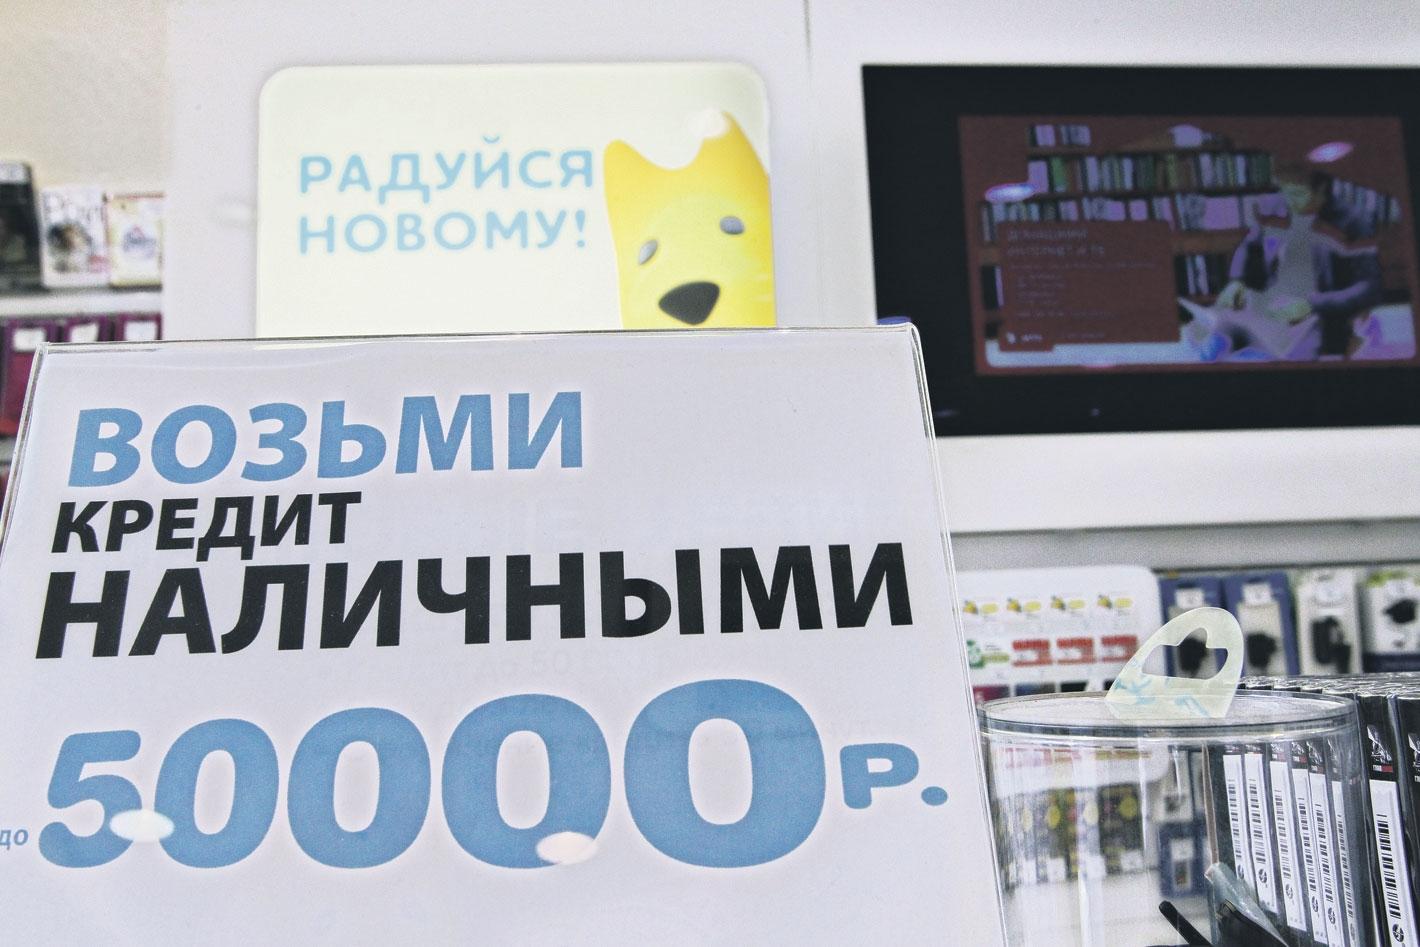 Займы без паспорта онлайн на qiwi кошелек